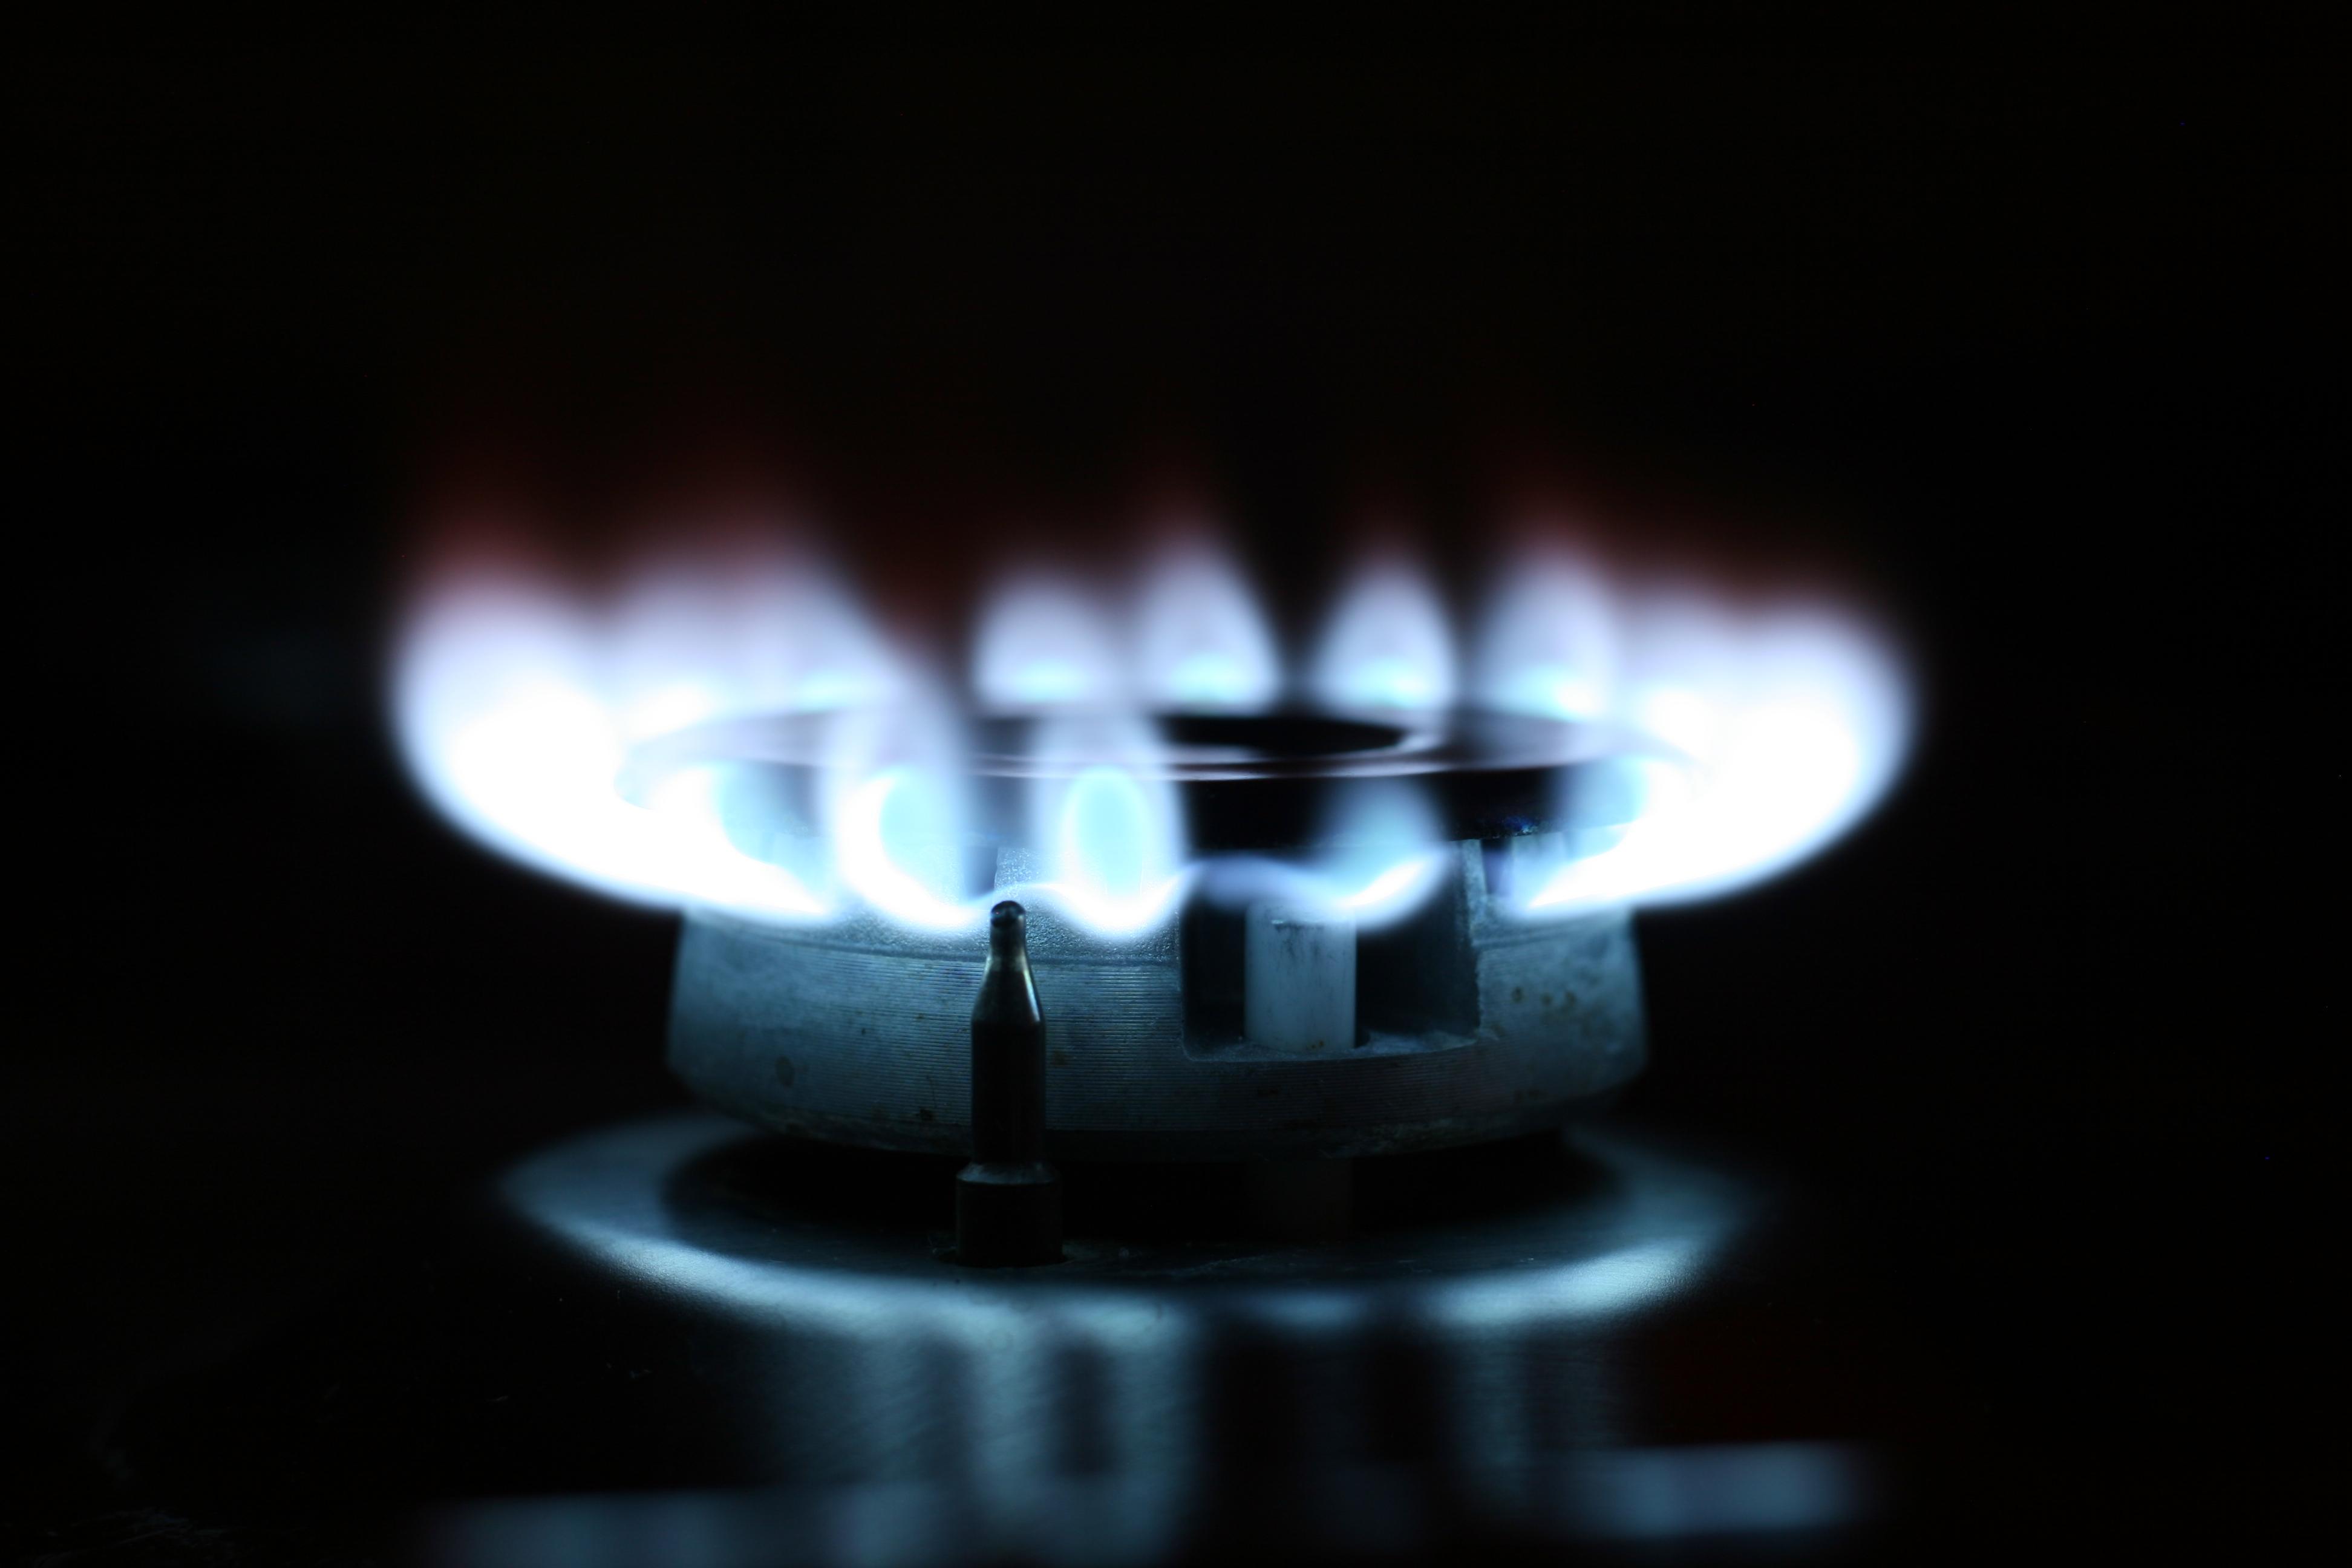 Kalkulačka plynu bez osobních údajů